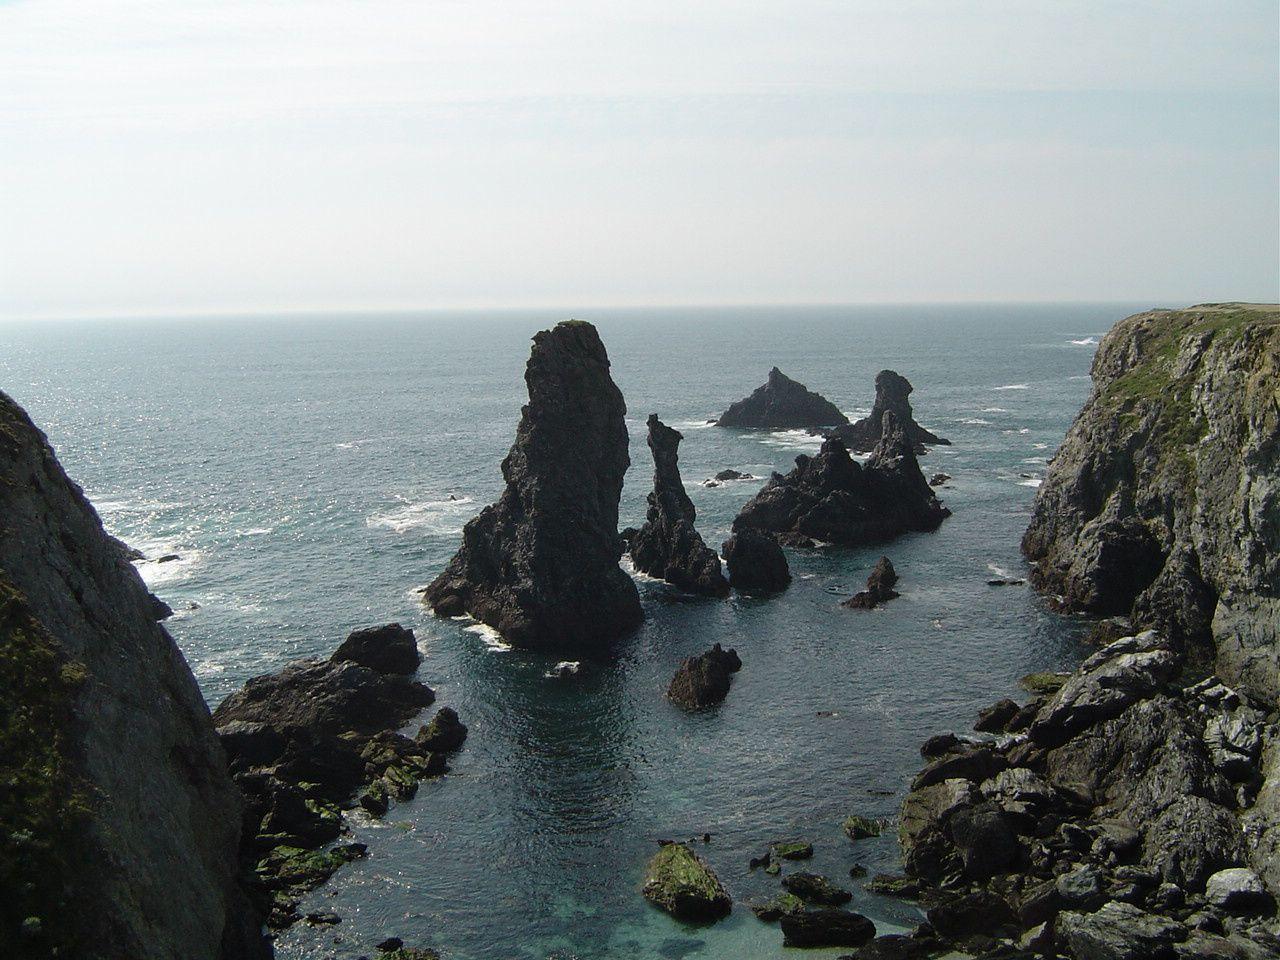 Rando-Belle-iles-en-mer avril 2004